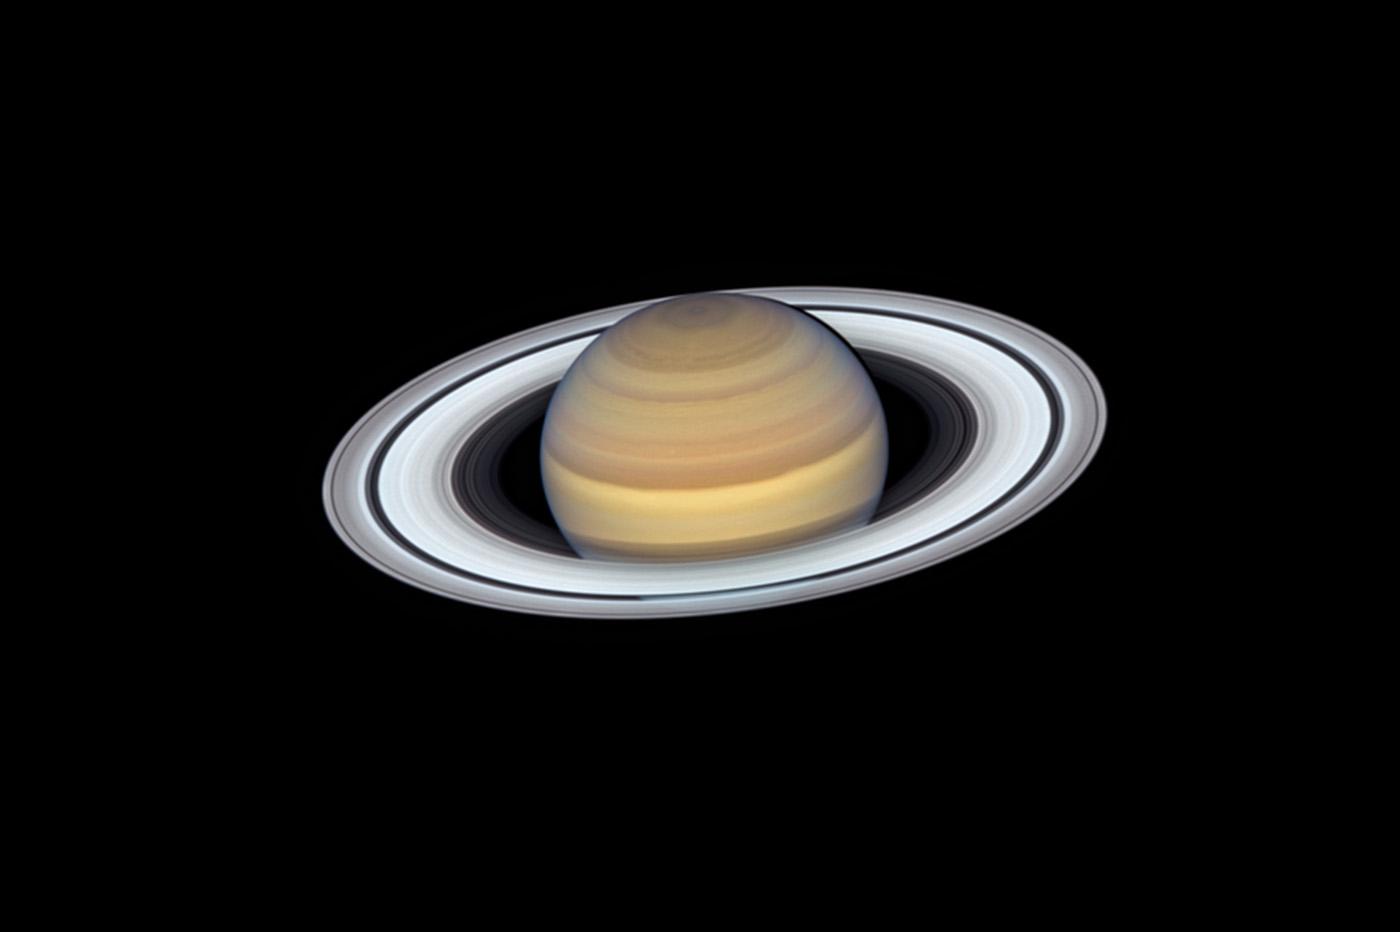 La NASA capture les anneaux de Saturne, avant qu'ils disparaissent